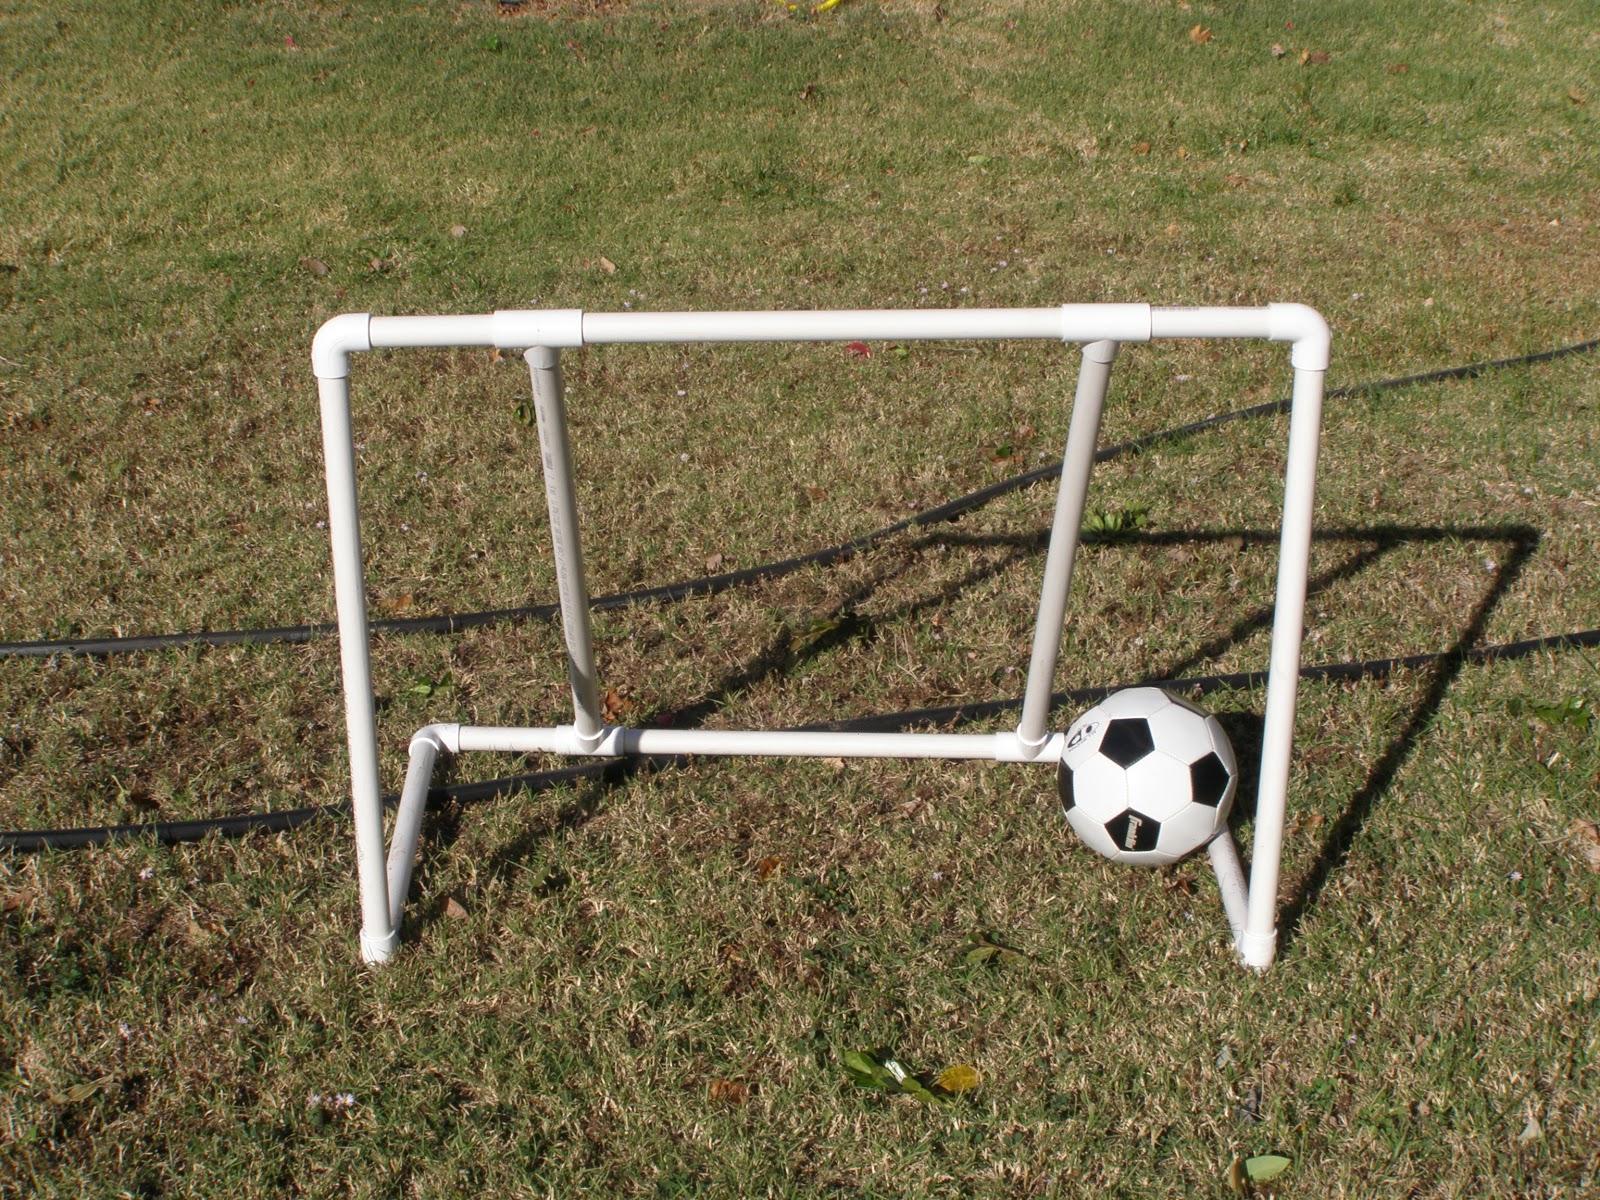 just folk art pvc soccer goal net